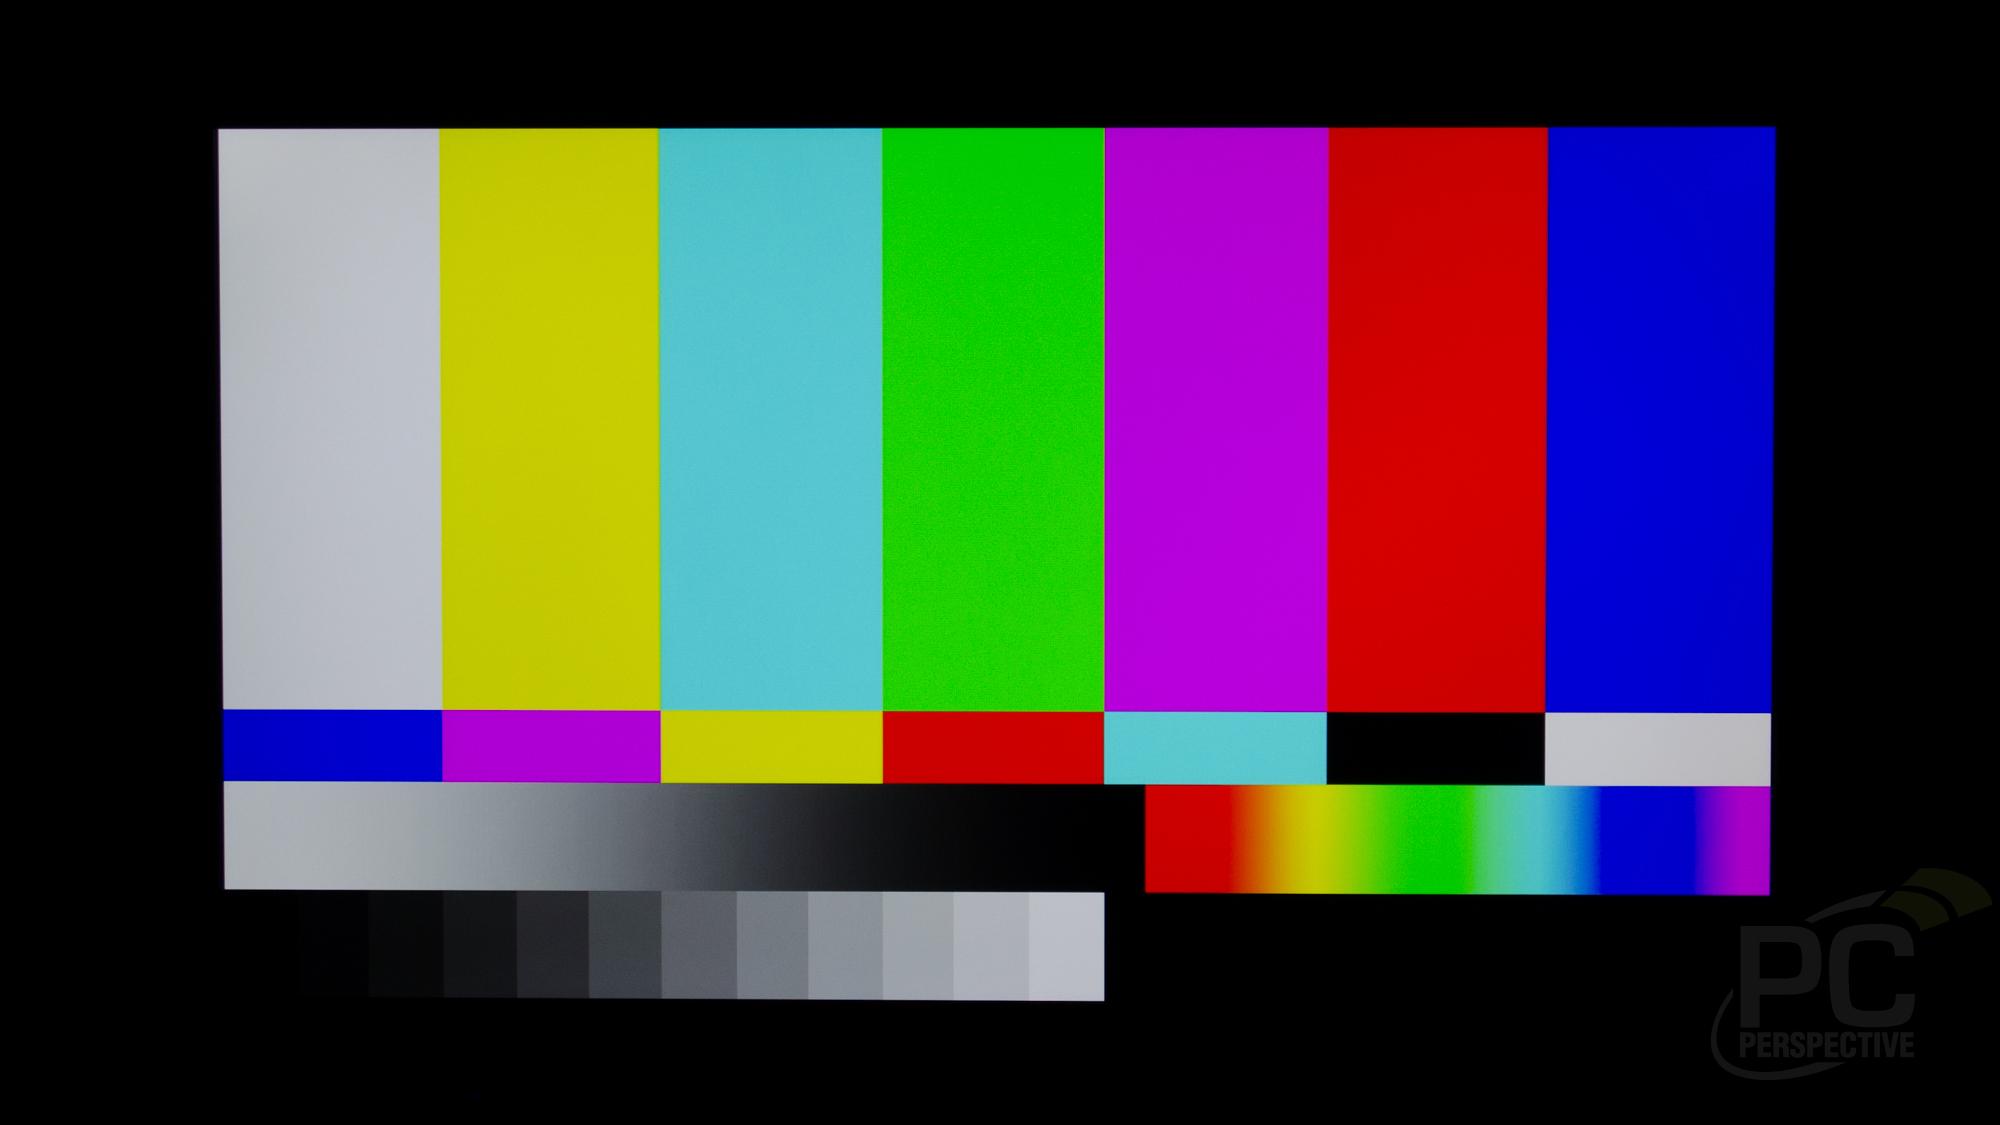 g72g-screen1.jpg